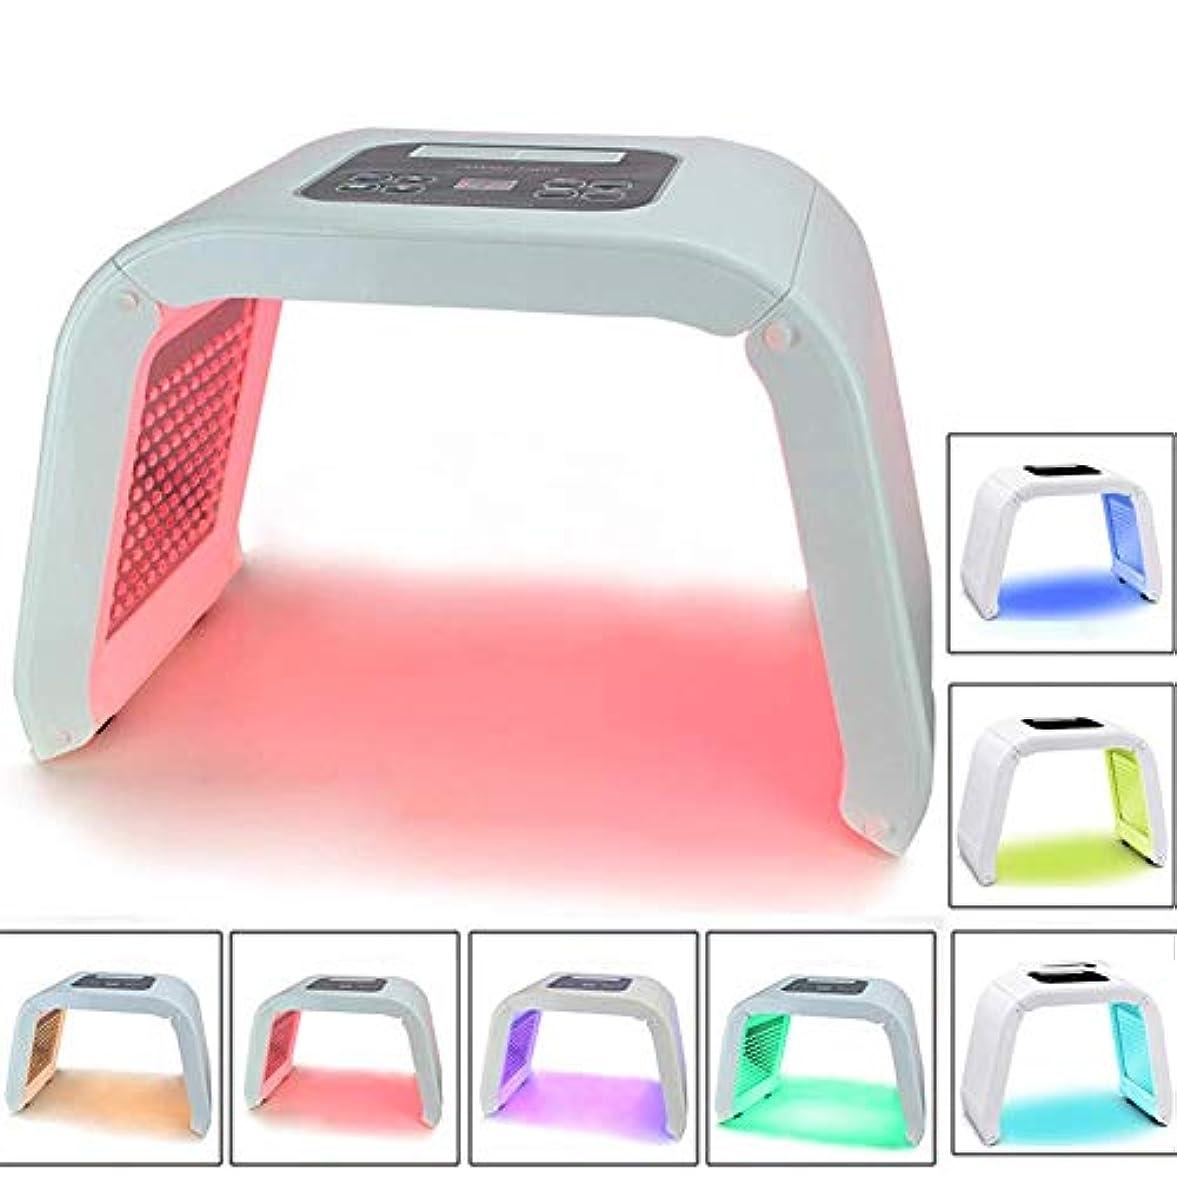 どれ中国交流する光子光線療法のスキンケア機械、7色光線療法のフェイスマスクランプの美の処置装置は顔のアクネの除去剤の反しわの鉱泉をきつく締めます